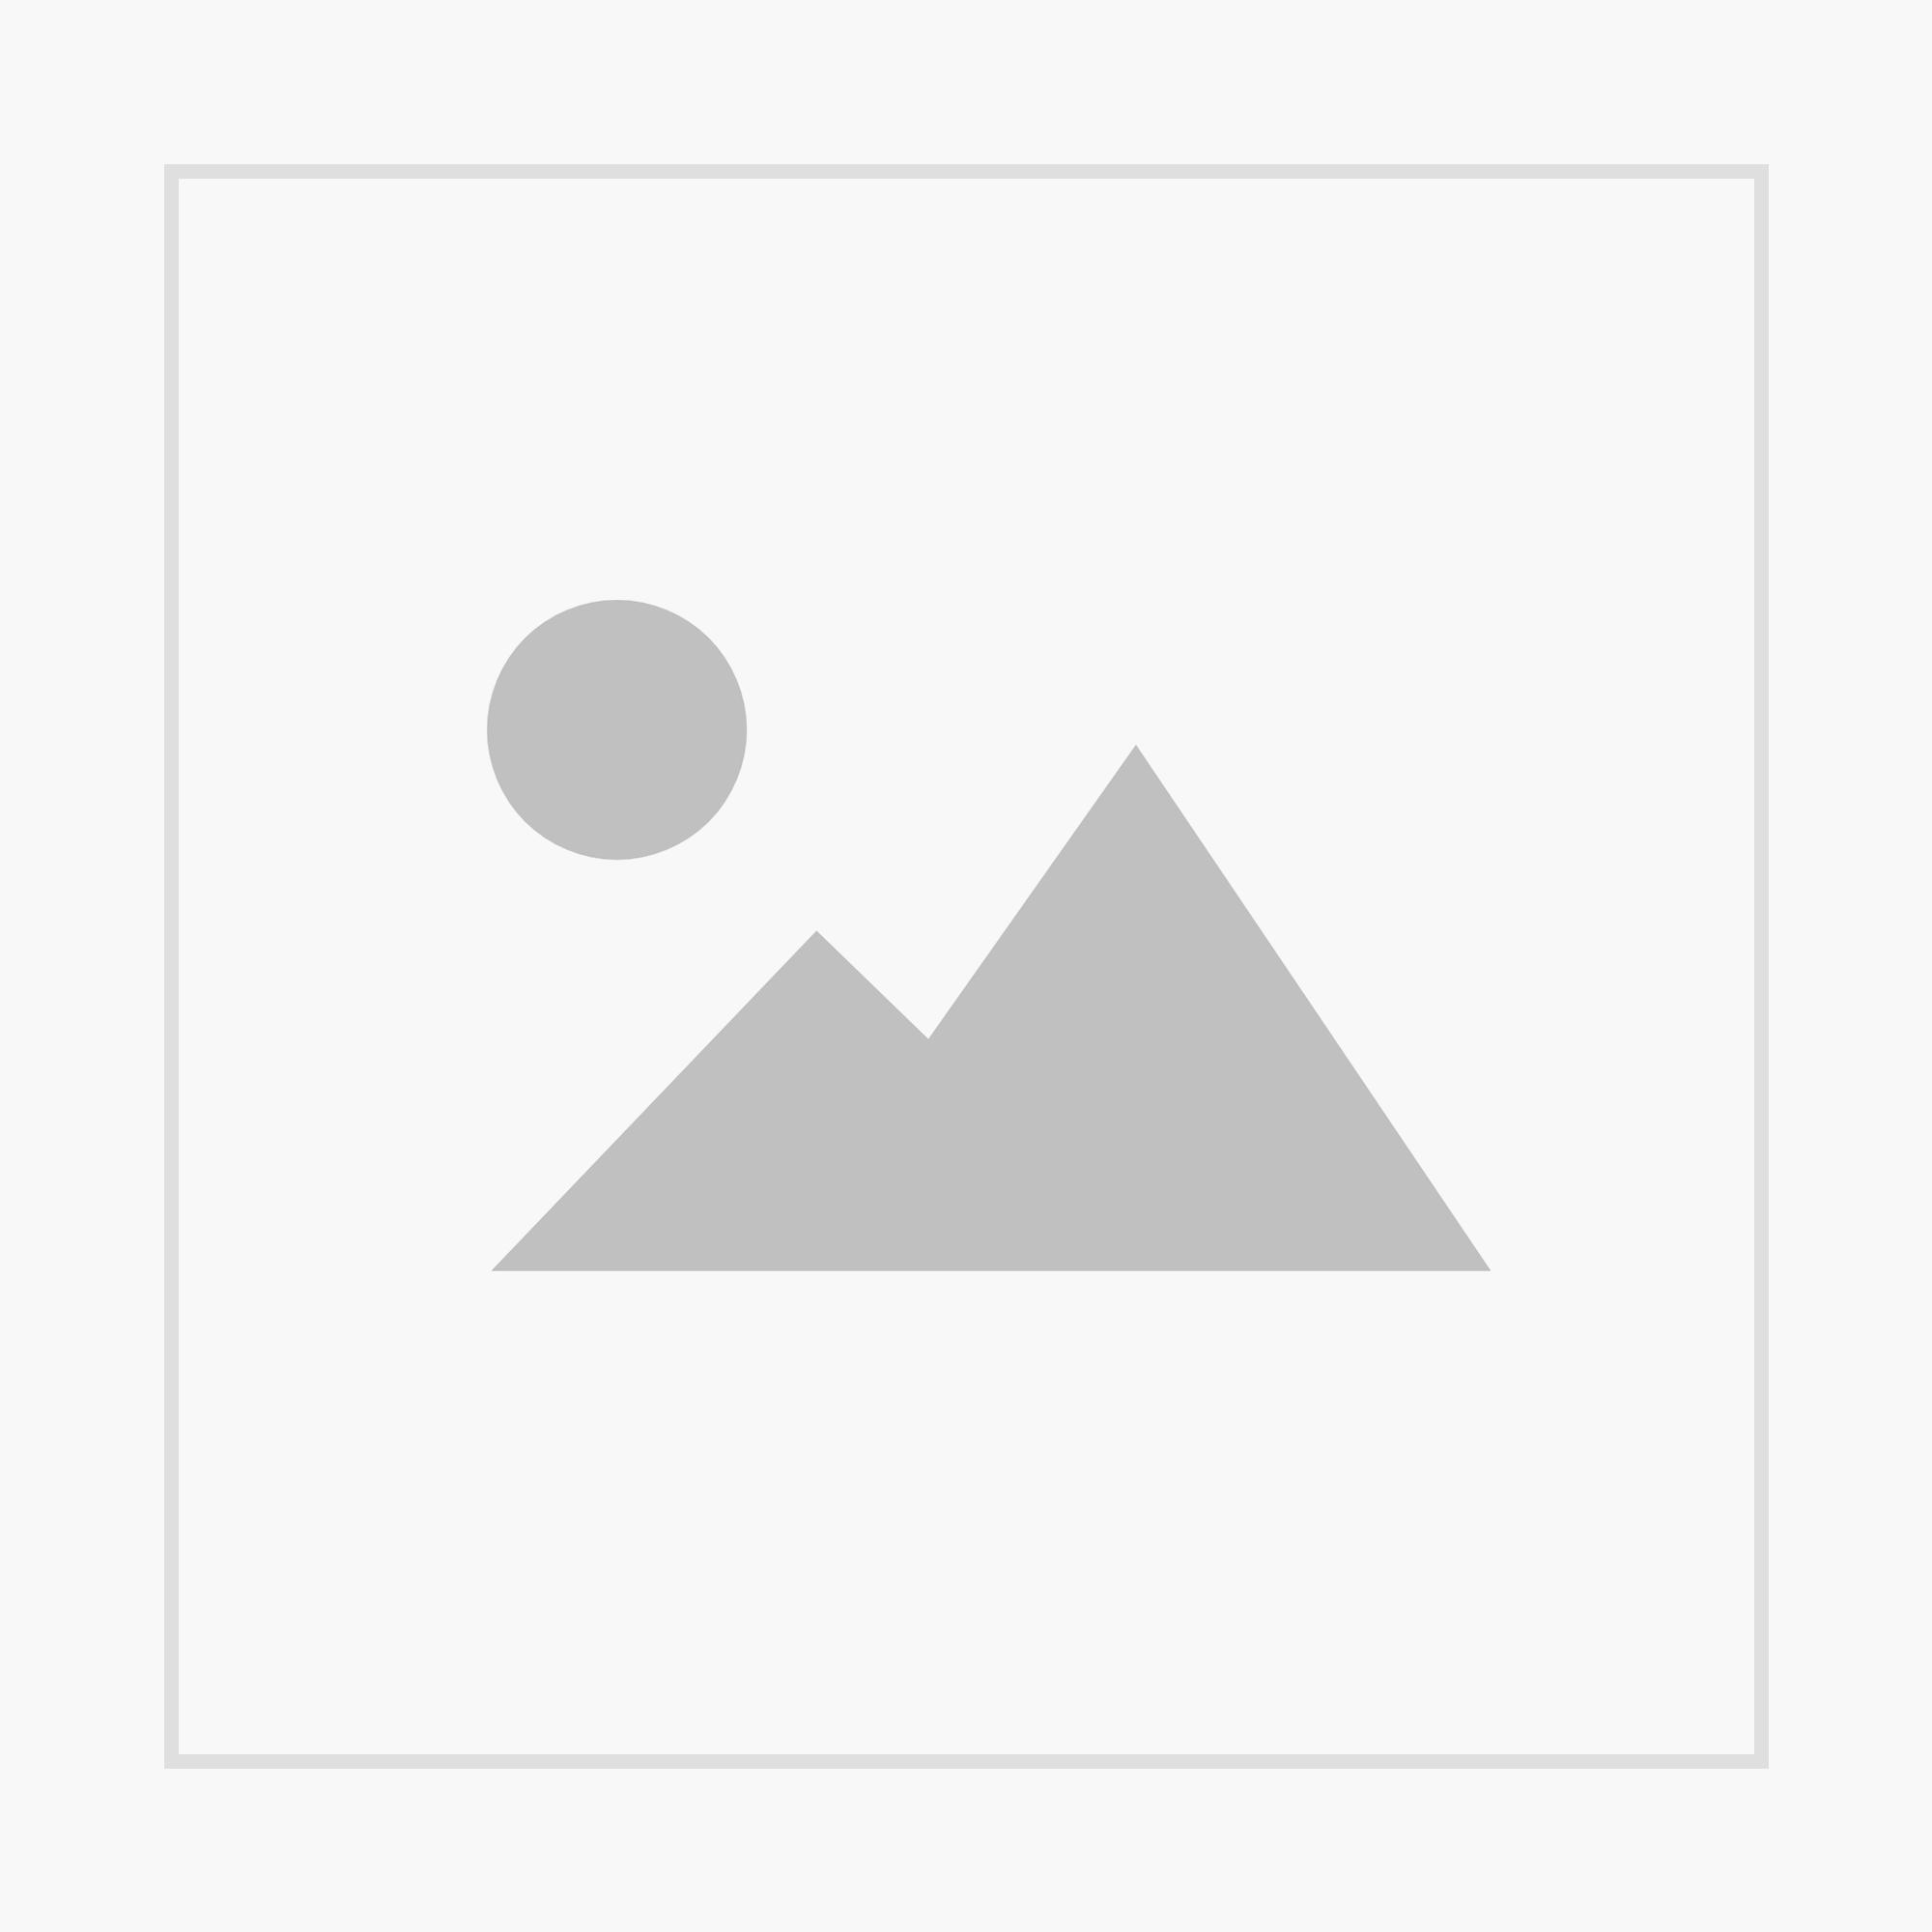 ALÖ Heft 54: Wiederansiedlung der Ostseekegelrobbe (Halichoerus grypus balticus) an der deutschen Ostseekste